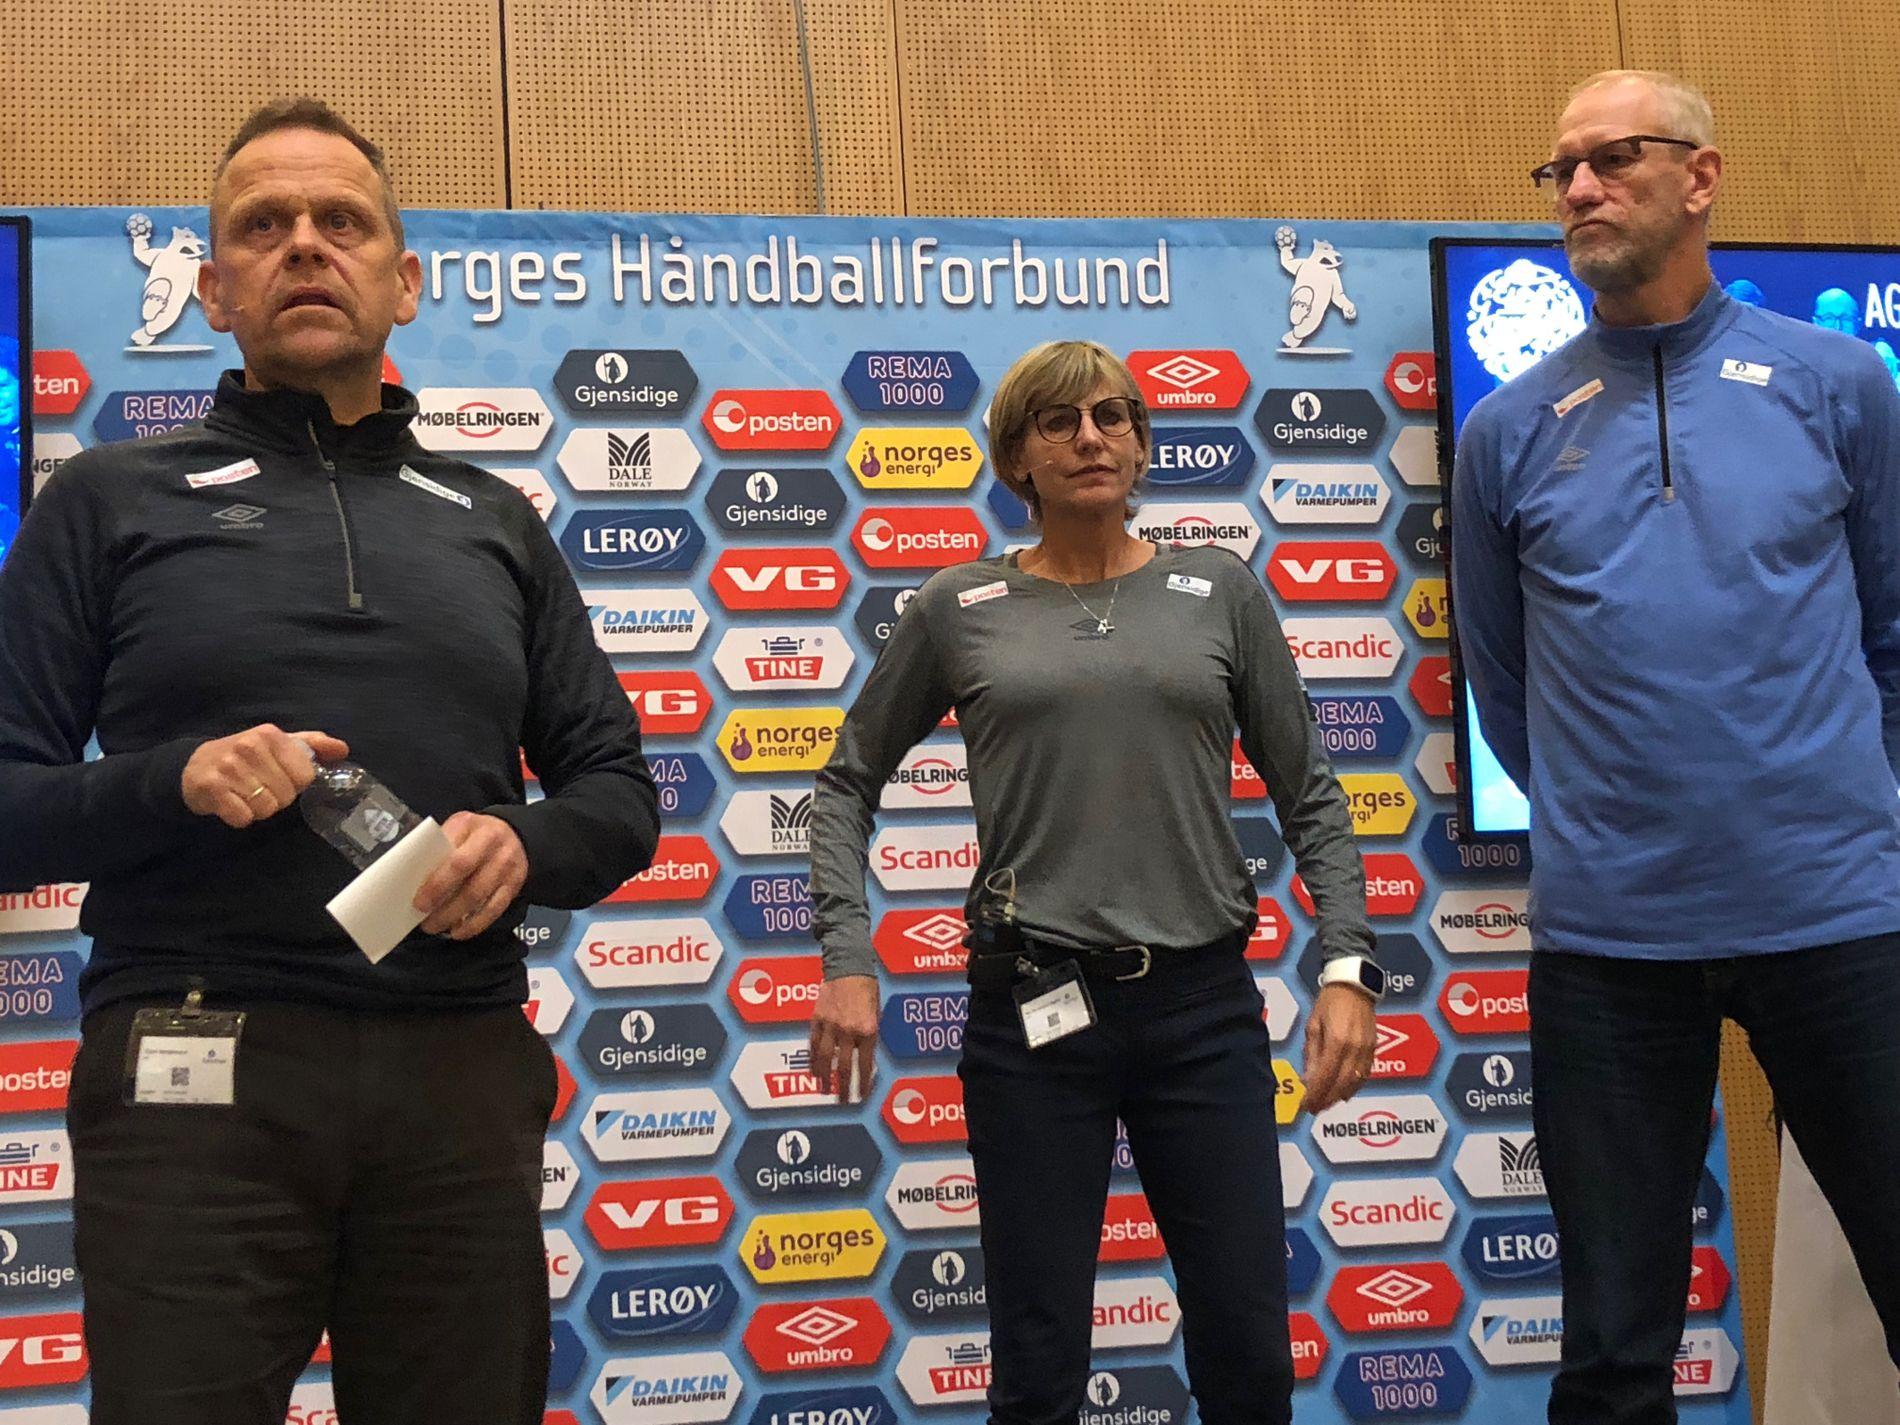 PRESENTASJON: Landslagssjef Thorir Hergeirsson annonserer årets EM-tropp ved siden av assistentene Mia Högdahl og Mats Olsson.